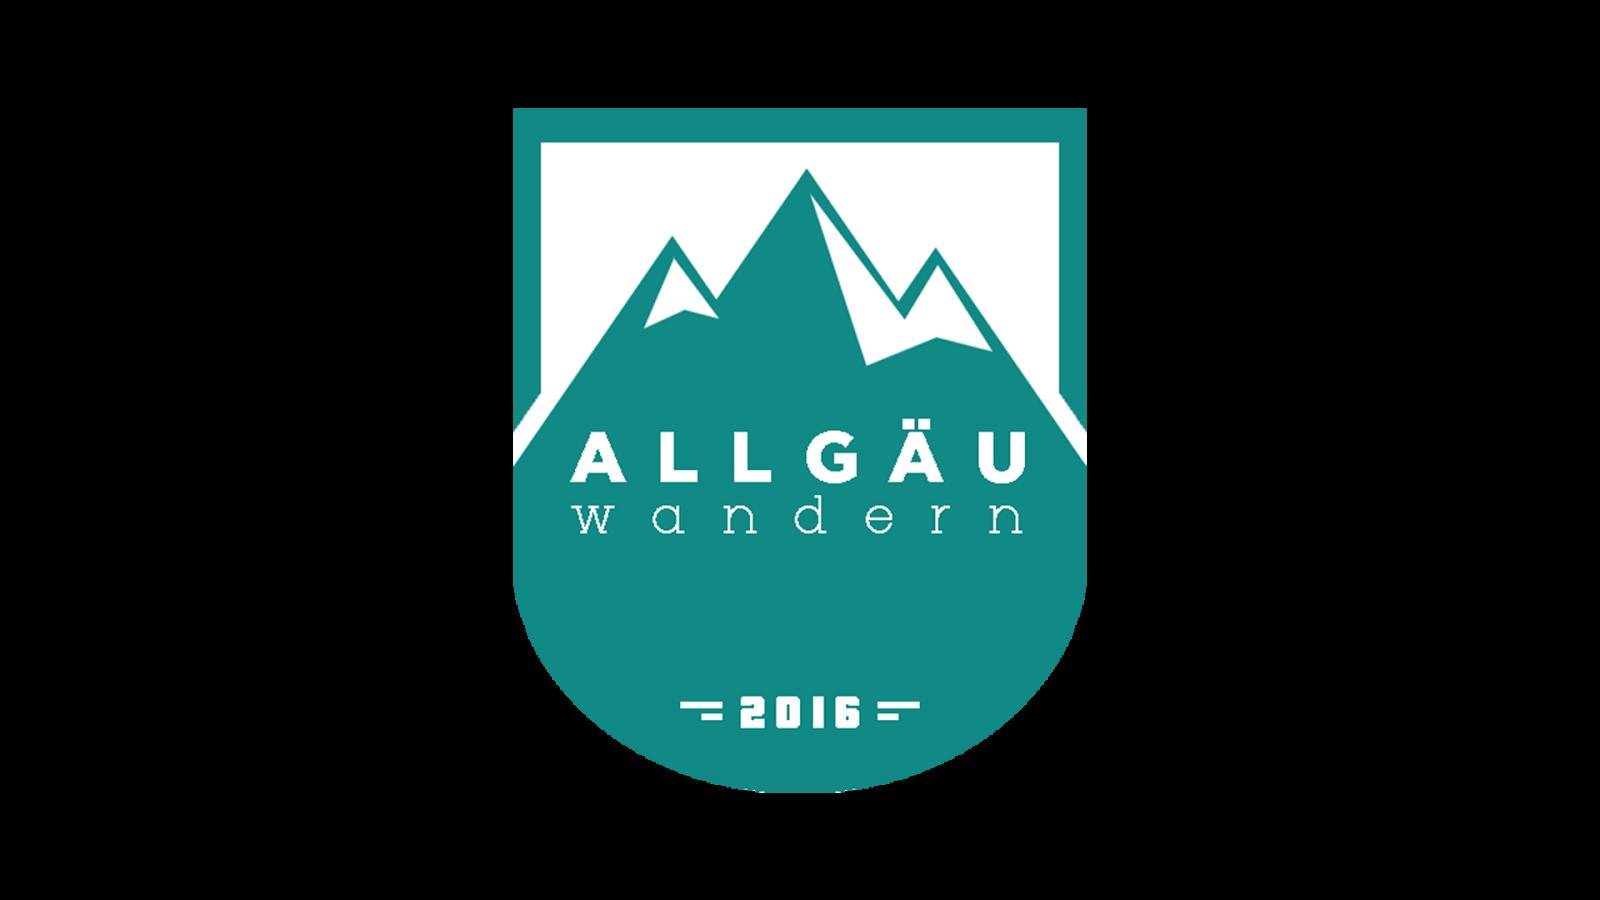 Die schoensten Wanderungen im Allgaeu